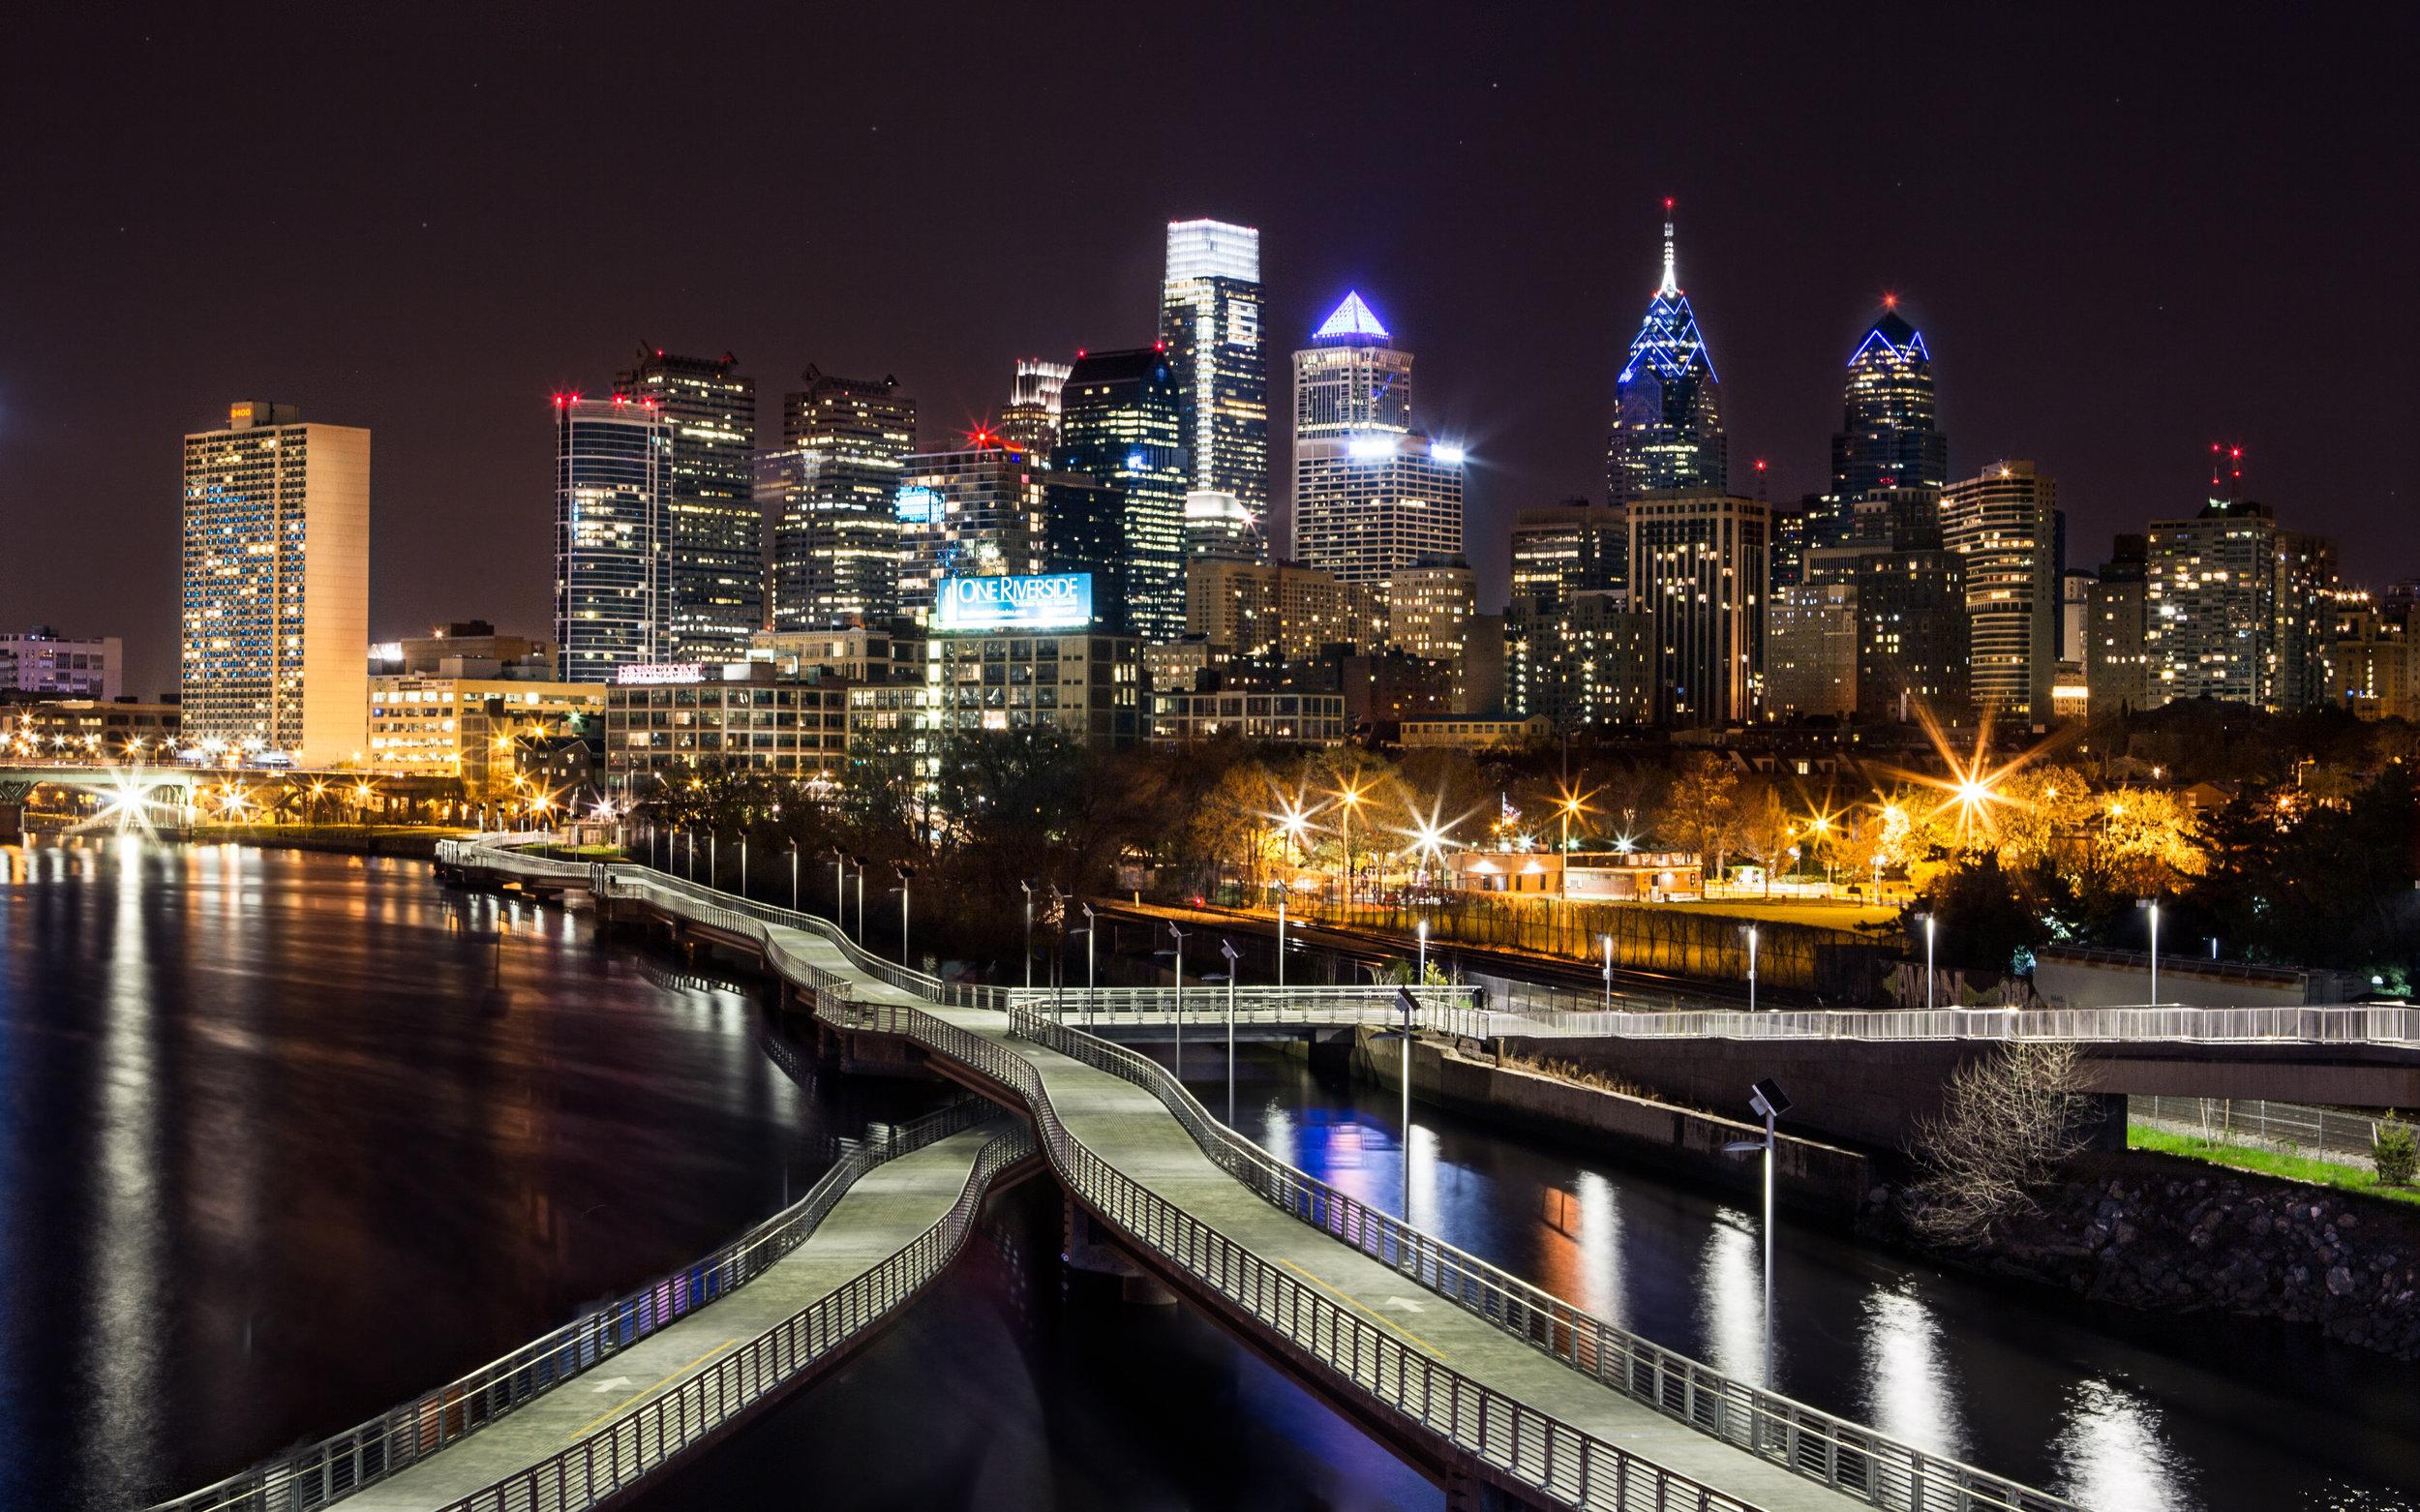 David Hartz l Night Philadelphia l-1.jpg